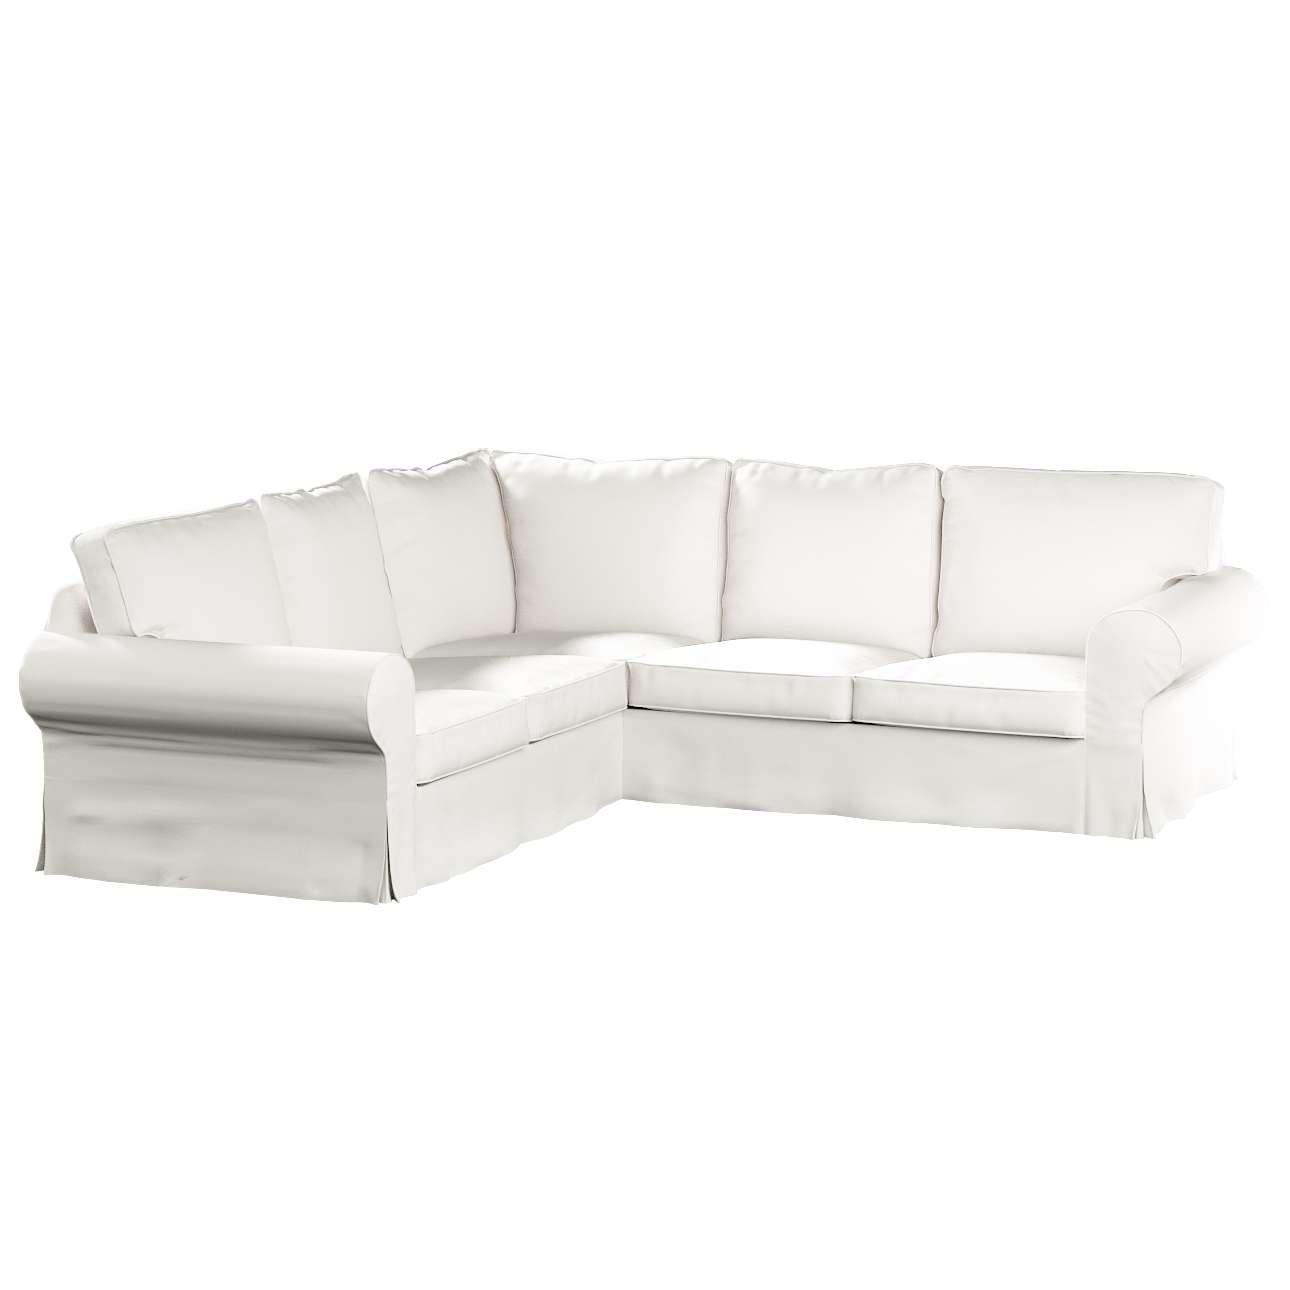 Potah na pohovku IKEA  Ektorp rohová pohovka Ektorp rohová v kolekci Cotton Panama, látka: 702-34